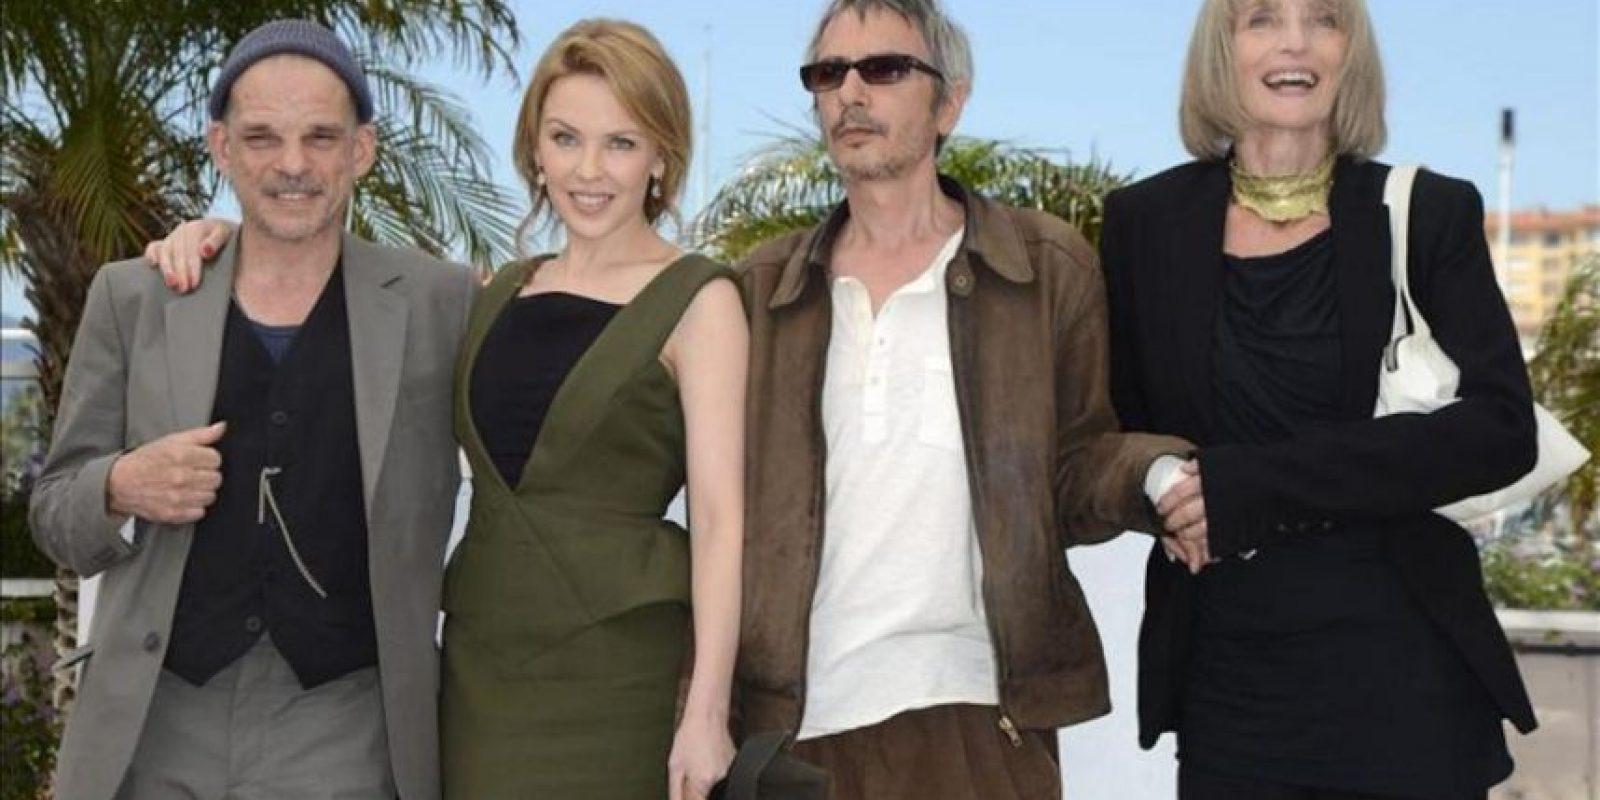 (i-d) El actor francés Denis Lavant, la cantante australiana Kylie Minogue, el director francés Leos Carax y la actriz gala Edith Scob, posan para los fotógrafos durante el pase gráfico de la película 'Holy Motors' en el marco de la 65 edición del Festival de Cine de Cannes, en Francia. EFE